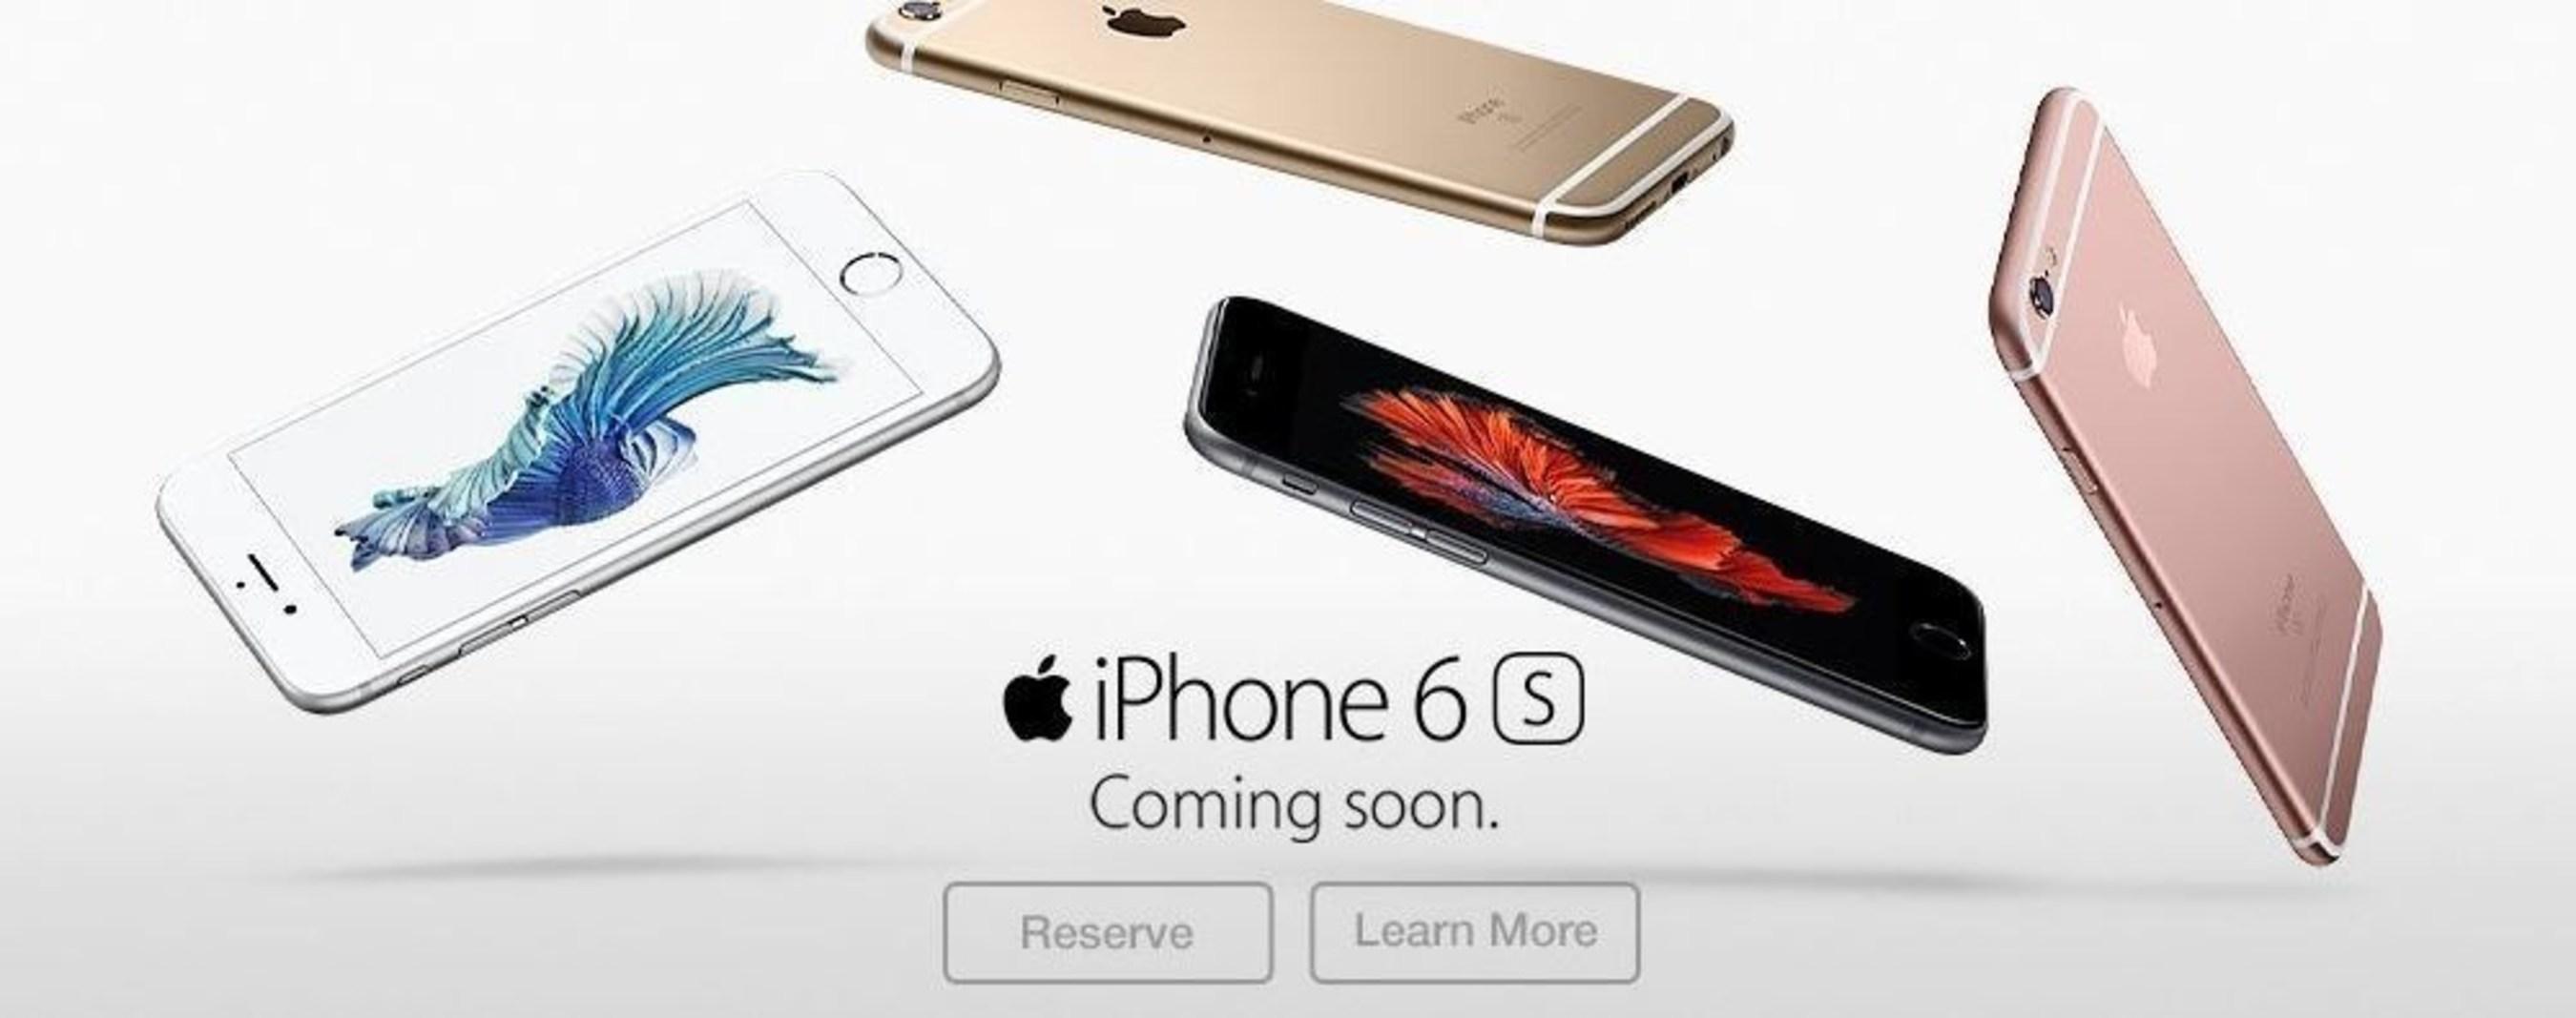 Spiare iphone 6 Plus gratis